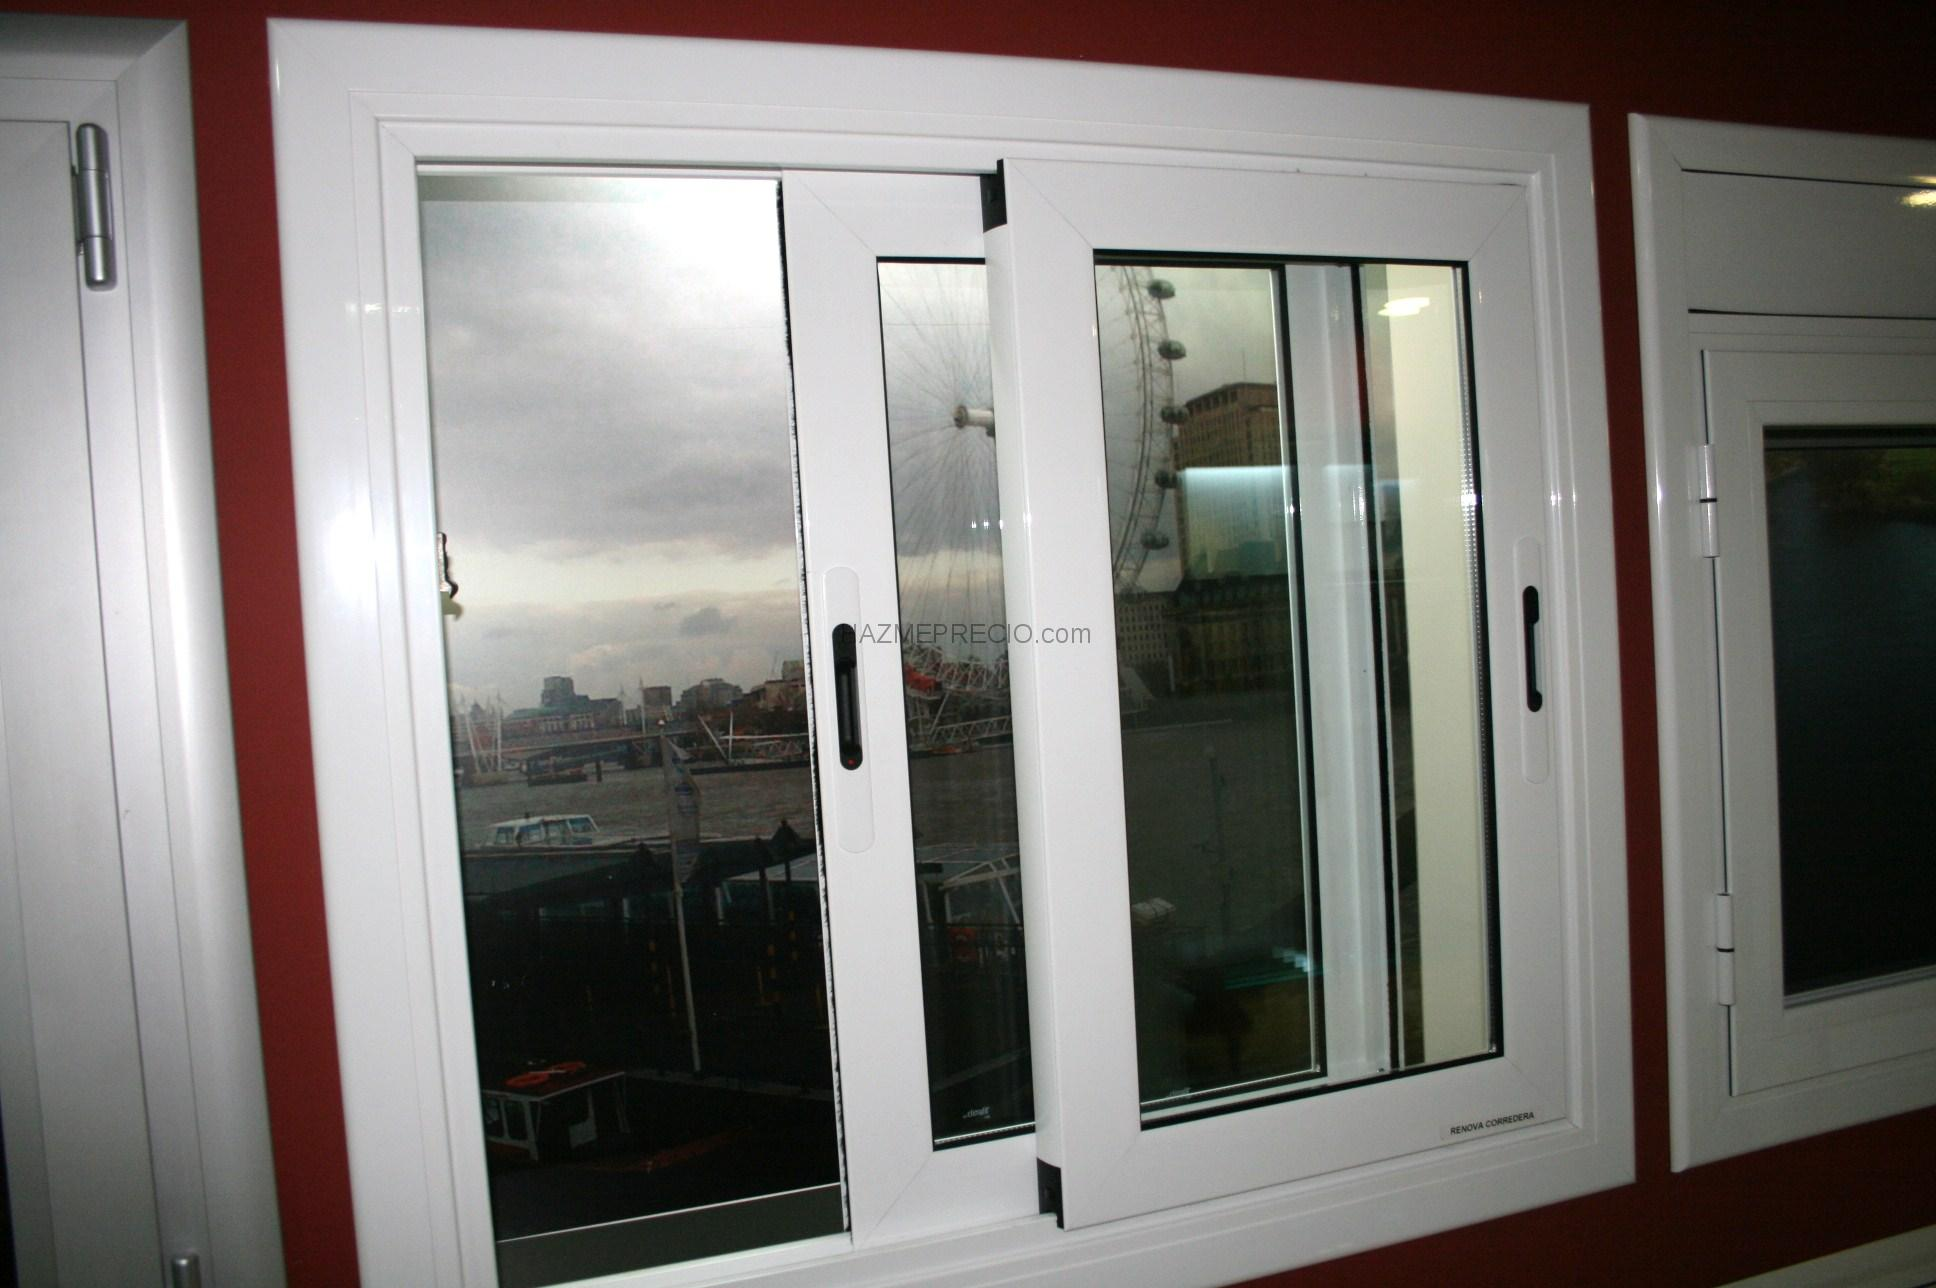 presupuesto para poner ventanas de aluminio con cristal